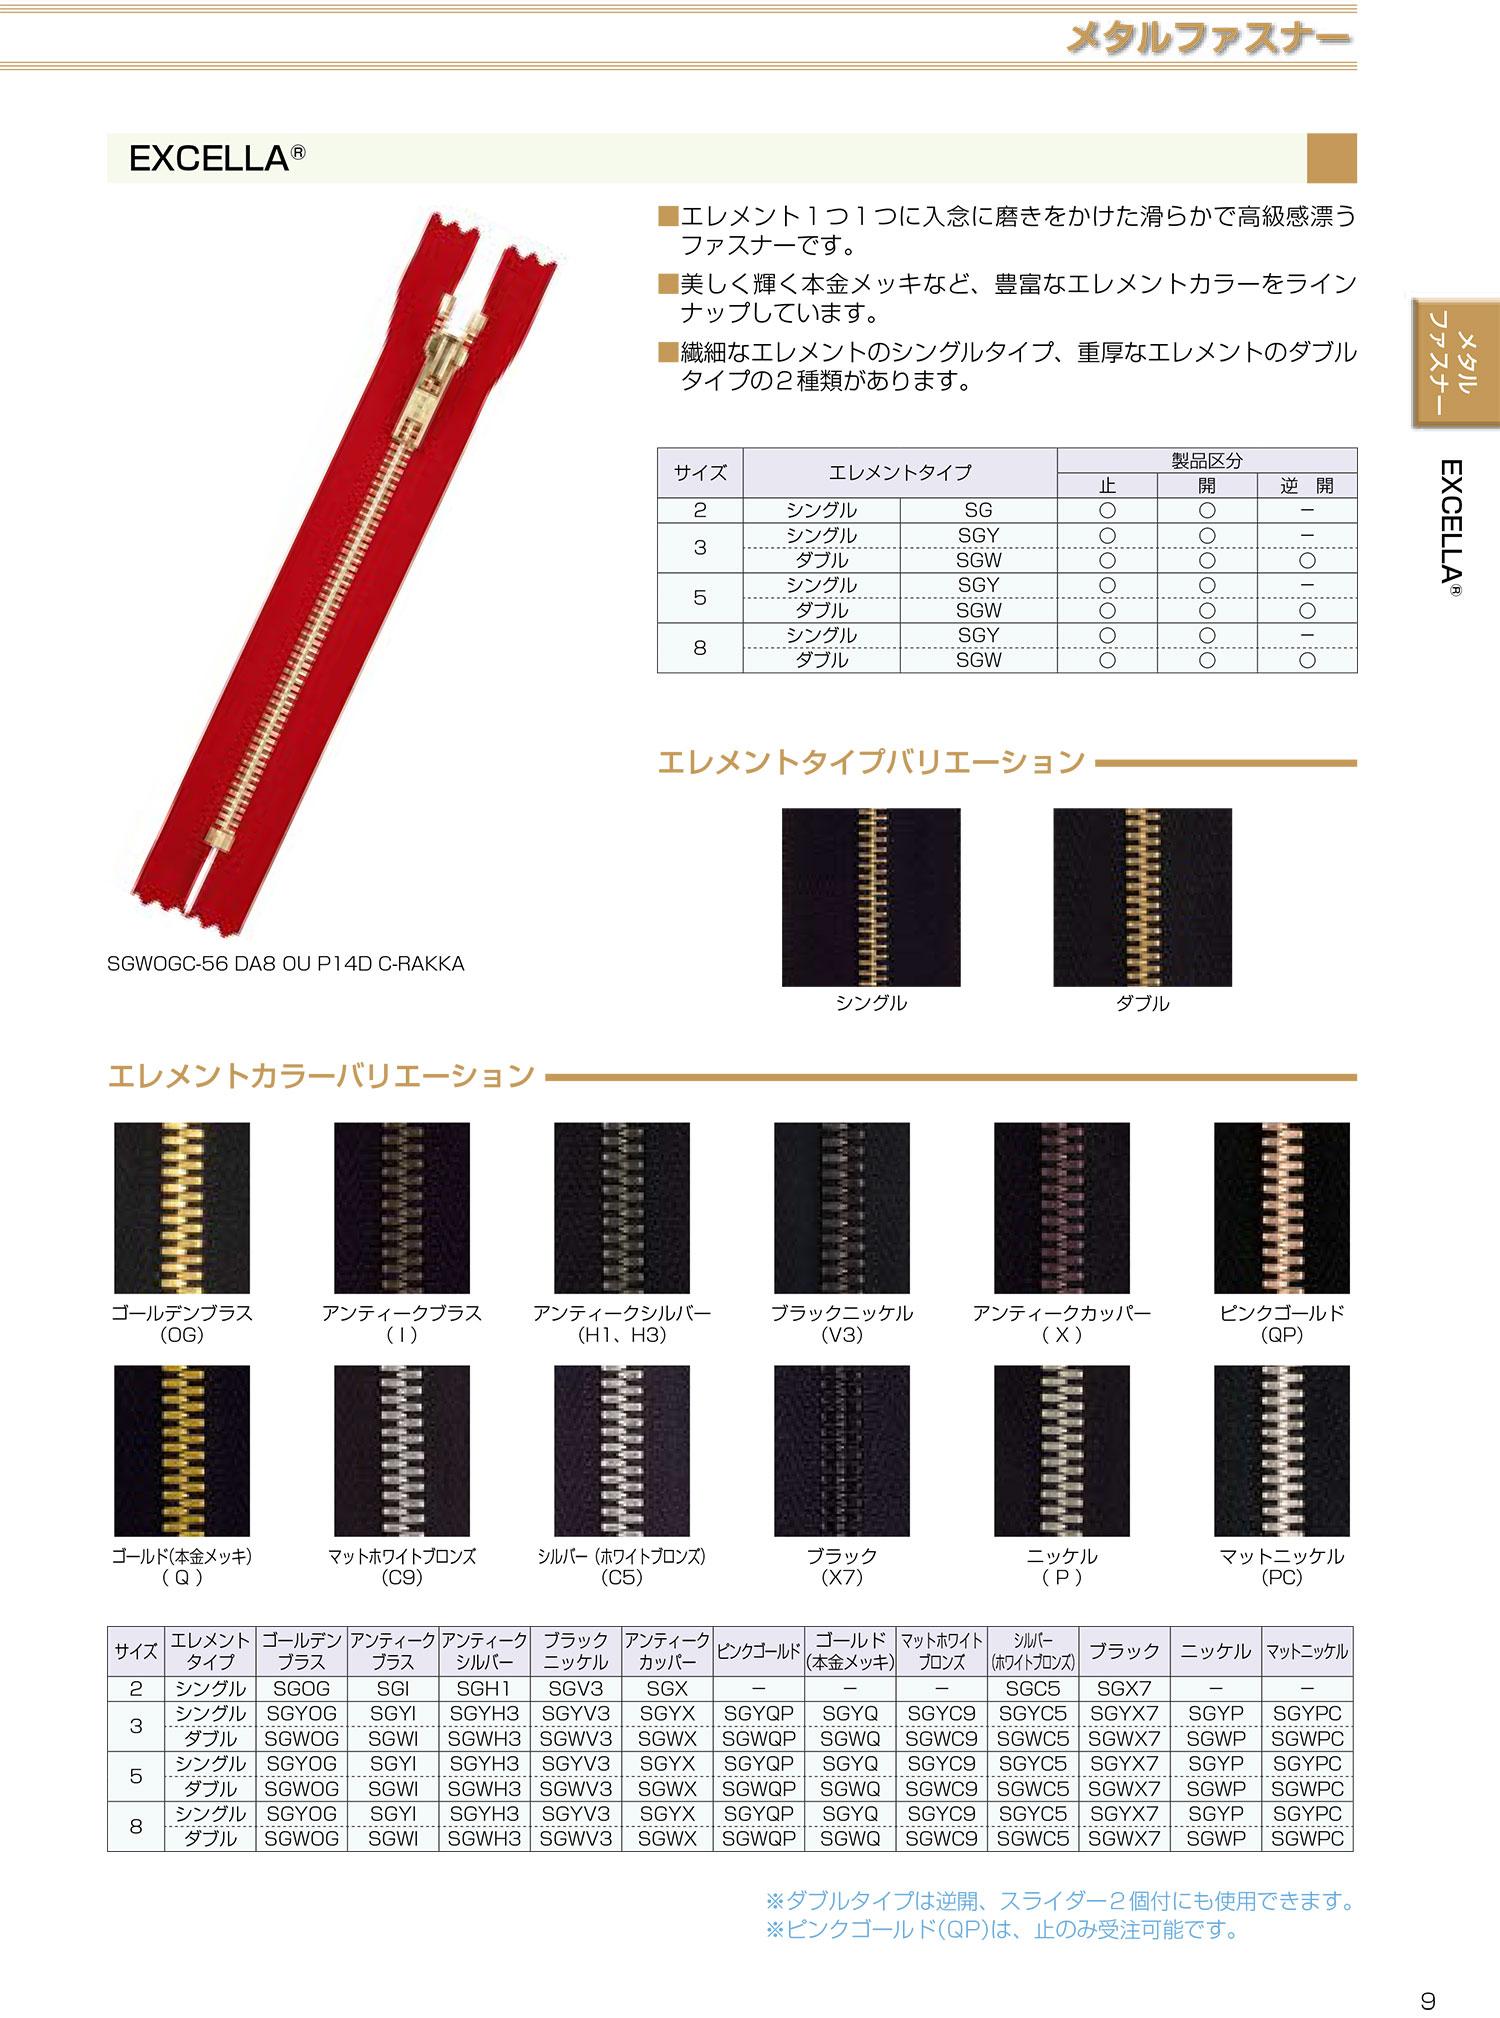 8SGWIOR エクセラ 8サイズ アンティークブラス オープン ダブル[ファスナー] YKK/オークラ商事 - ApparelX アパレル資材卸通販